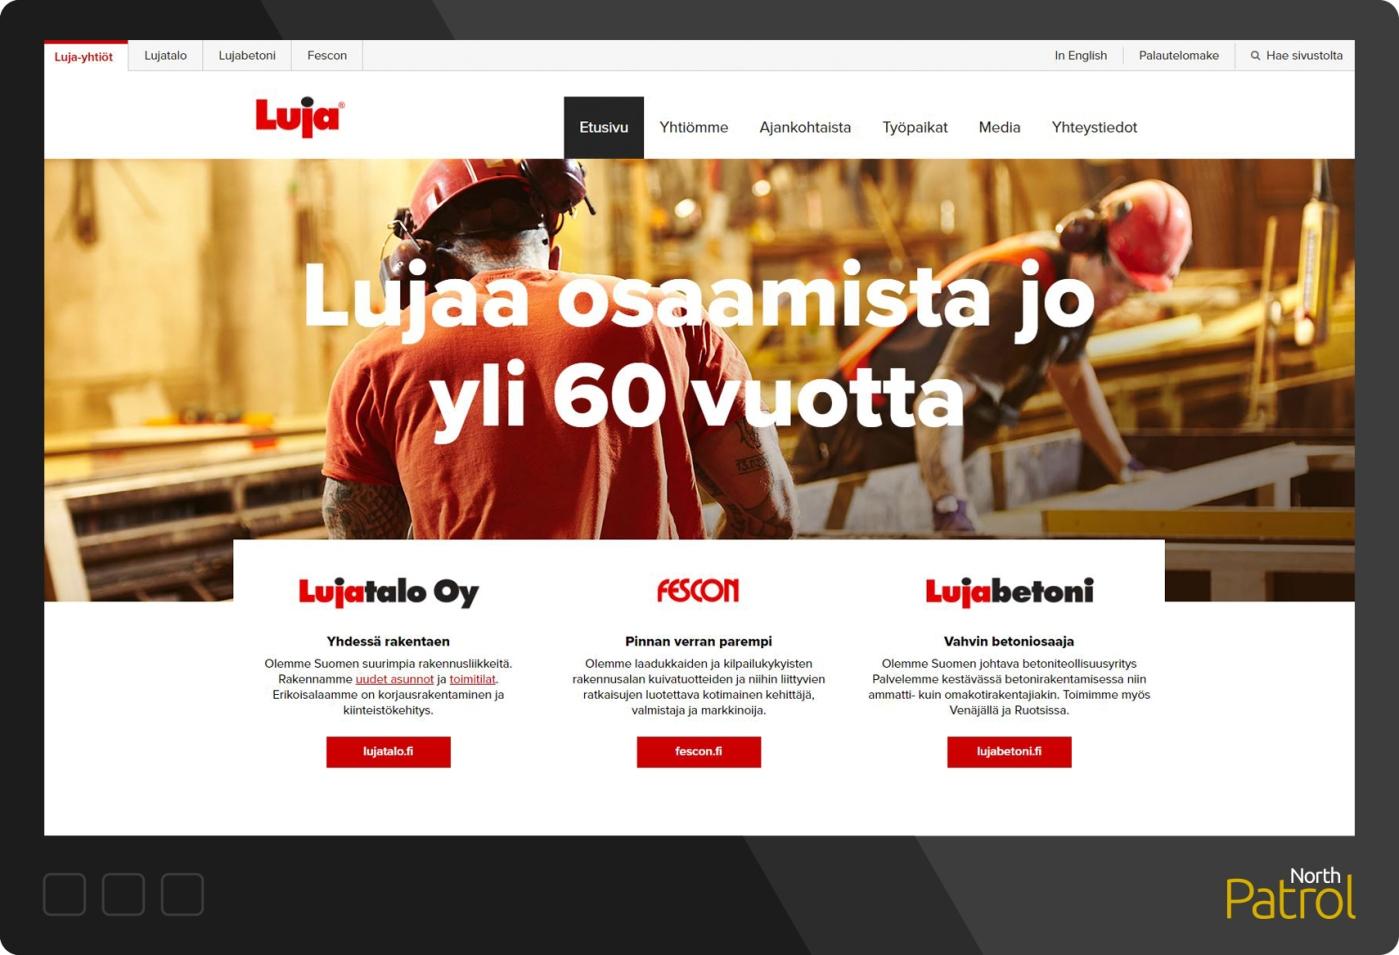 Kuvakaappaus Luja.fi -verkkosivuista. Kuvituskuva työntekijöistä rakentamassa, linkit alasivustoihin.